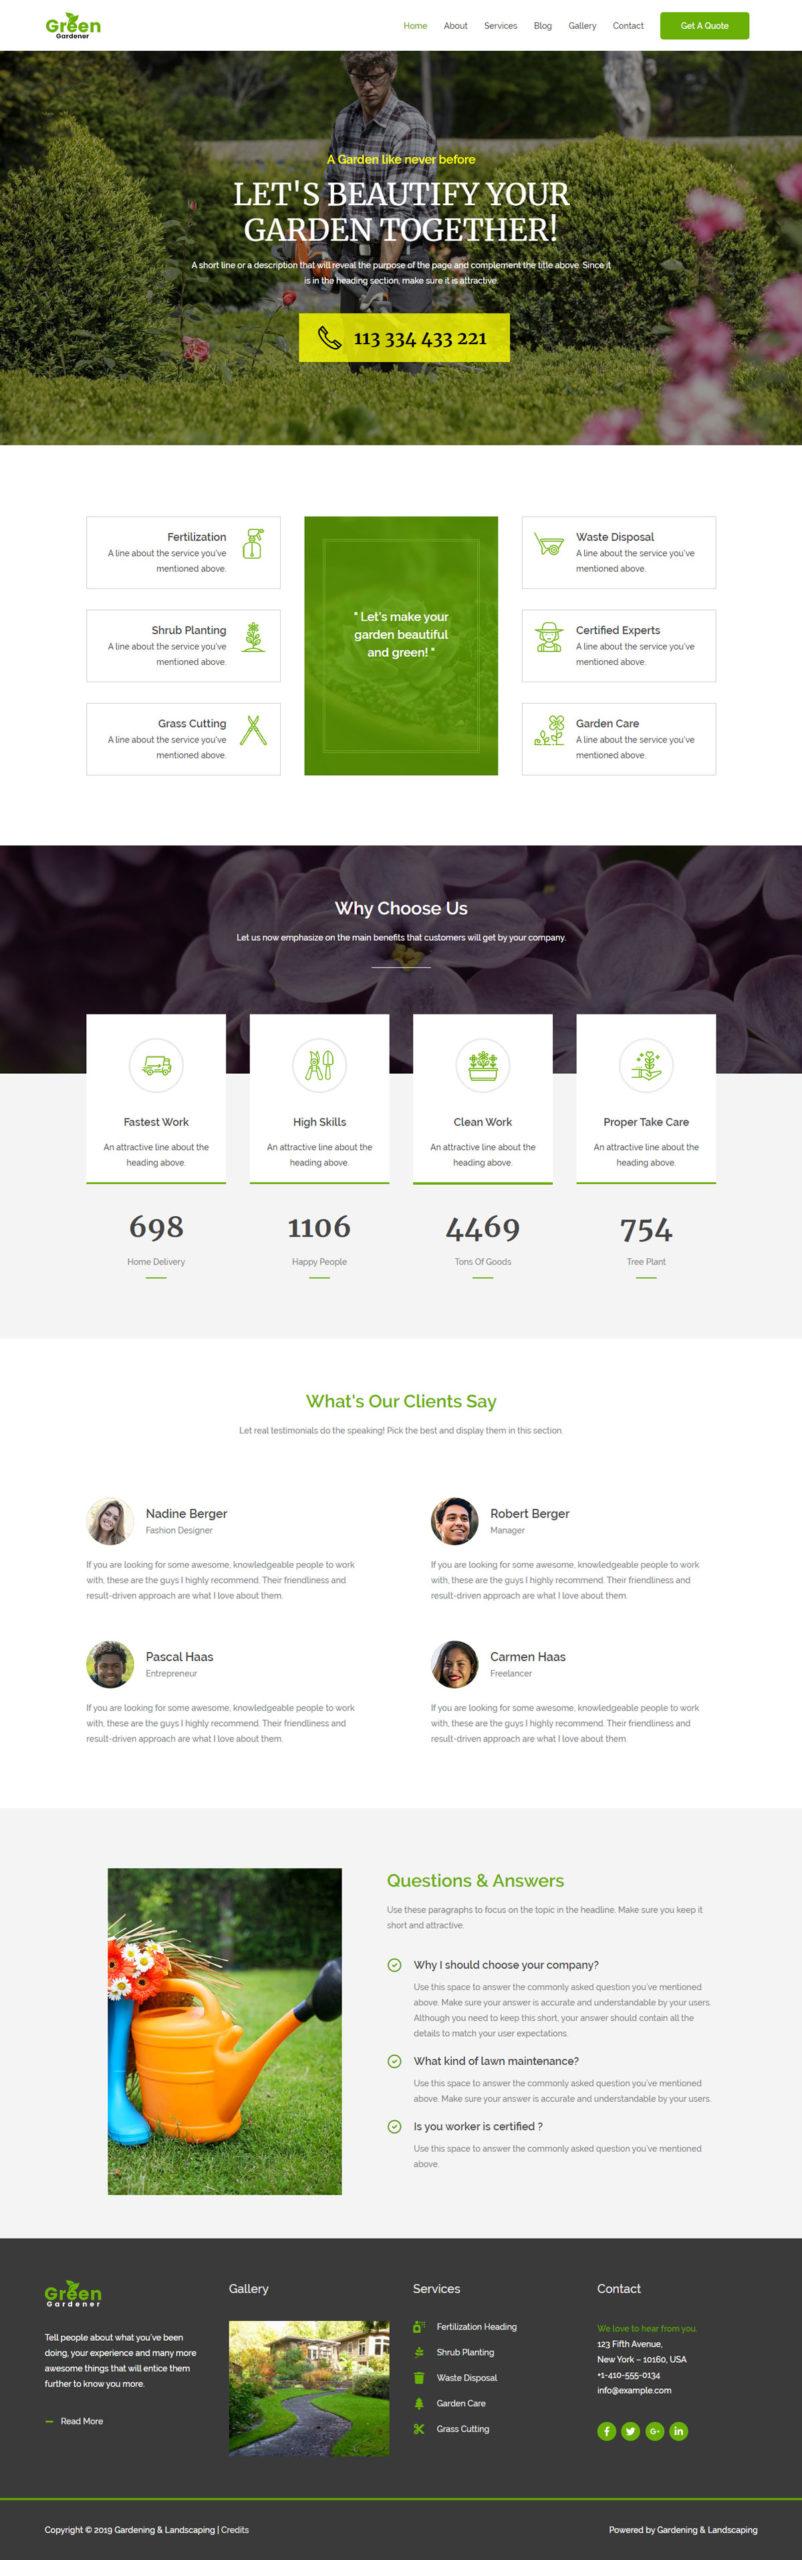 hoveniers bedrijf website maken